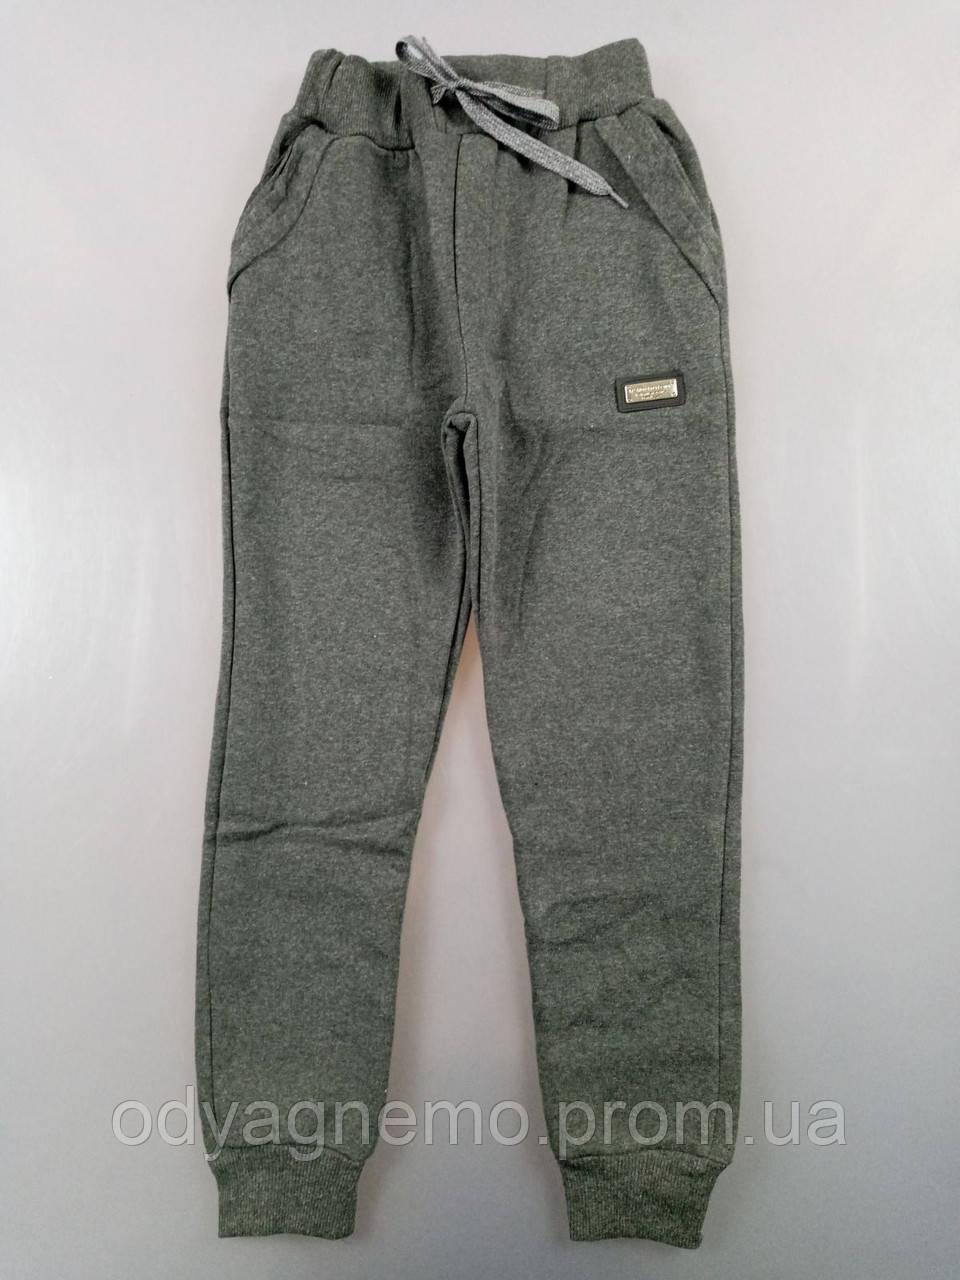 Спортивные брюки с начесом для мальчиков, 13-16 лет. Артикул: T2578-т.серый